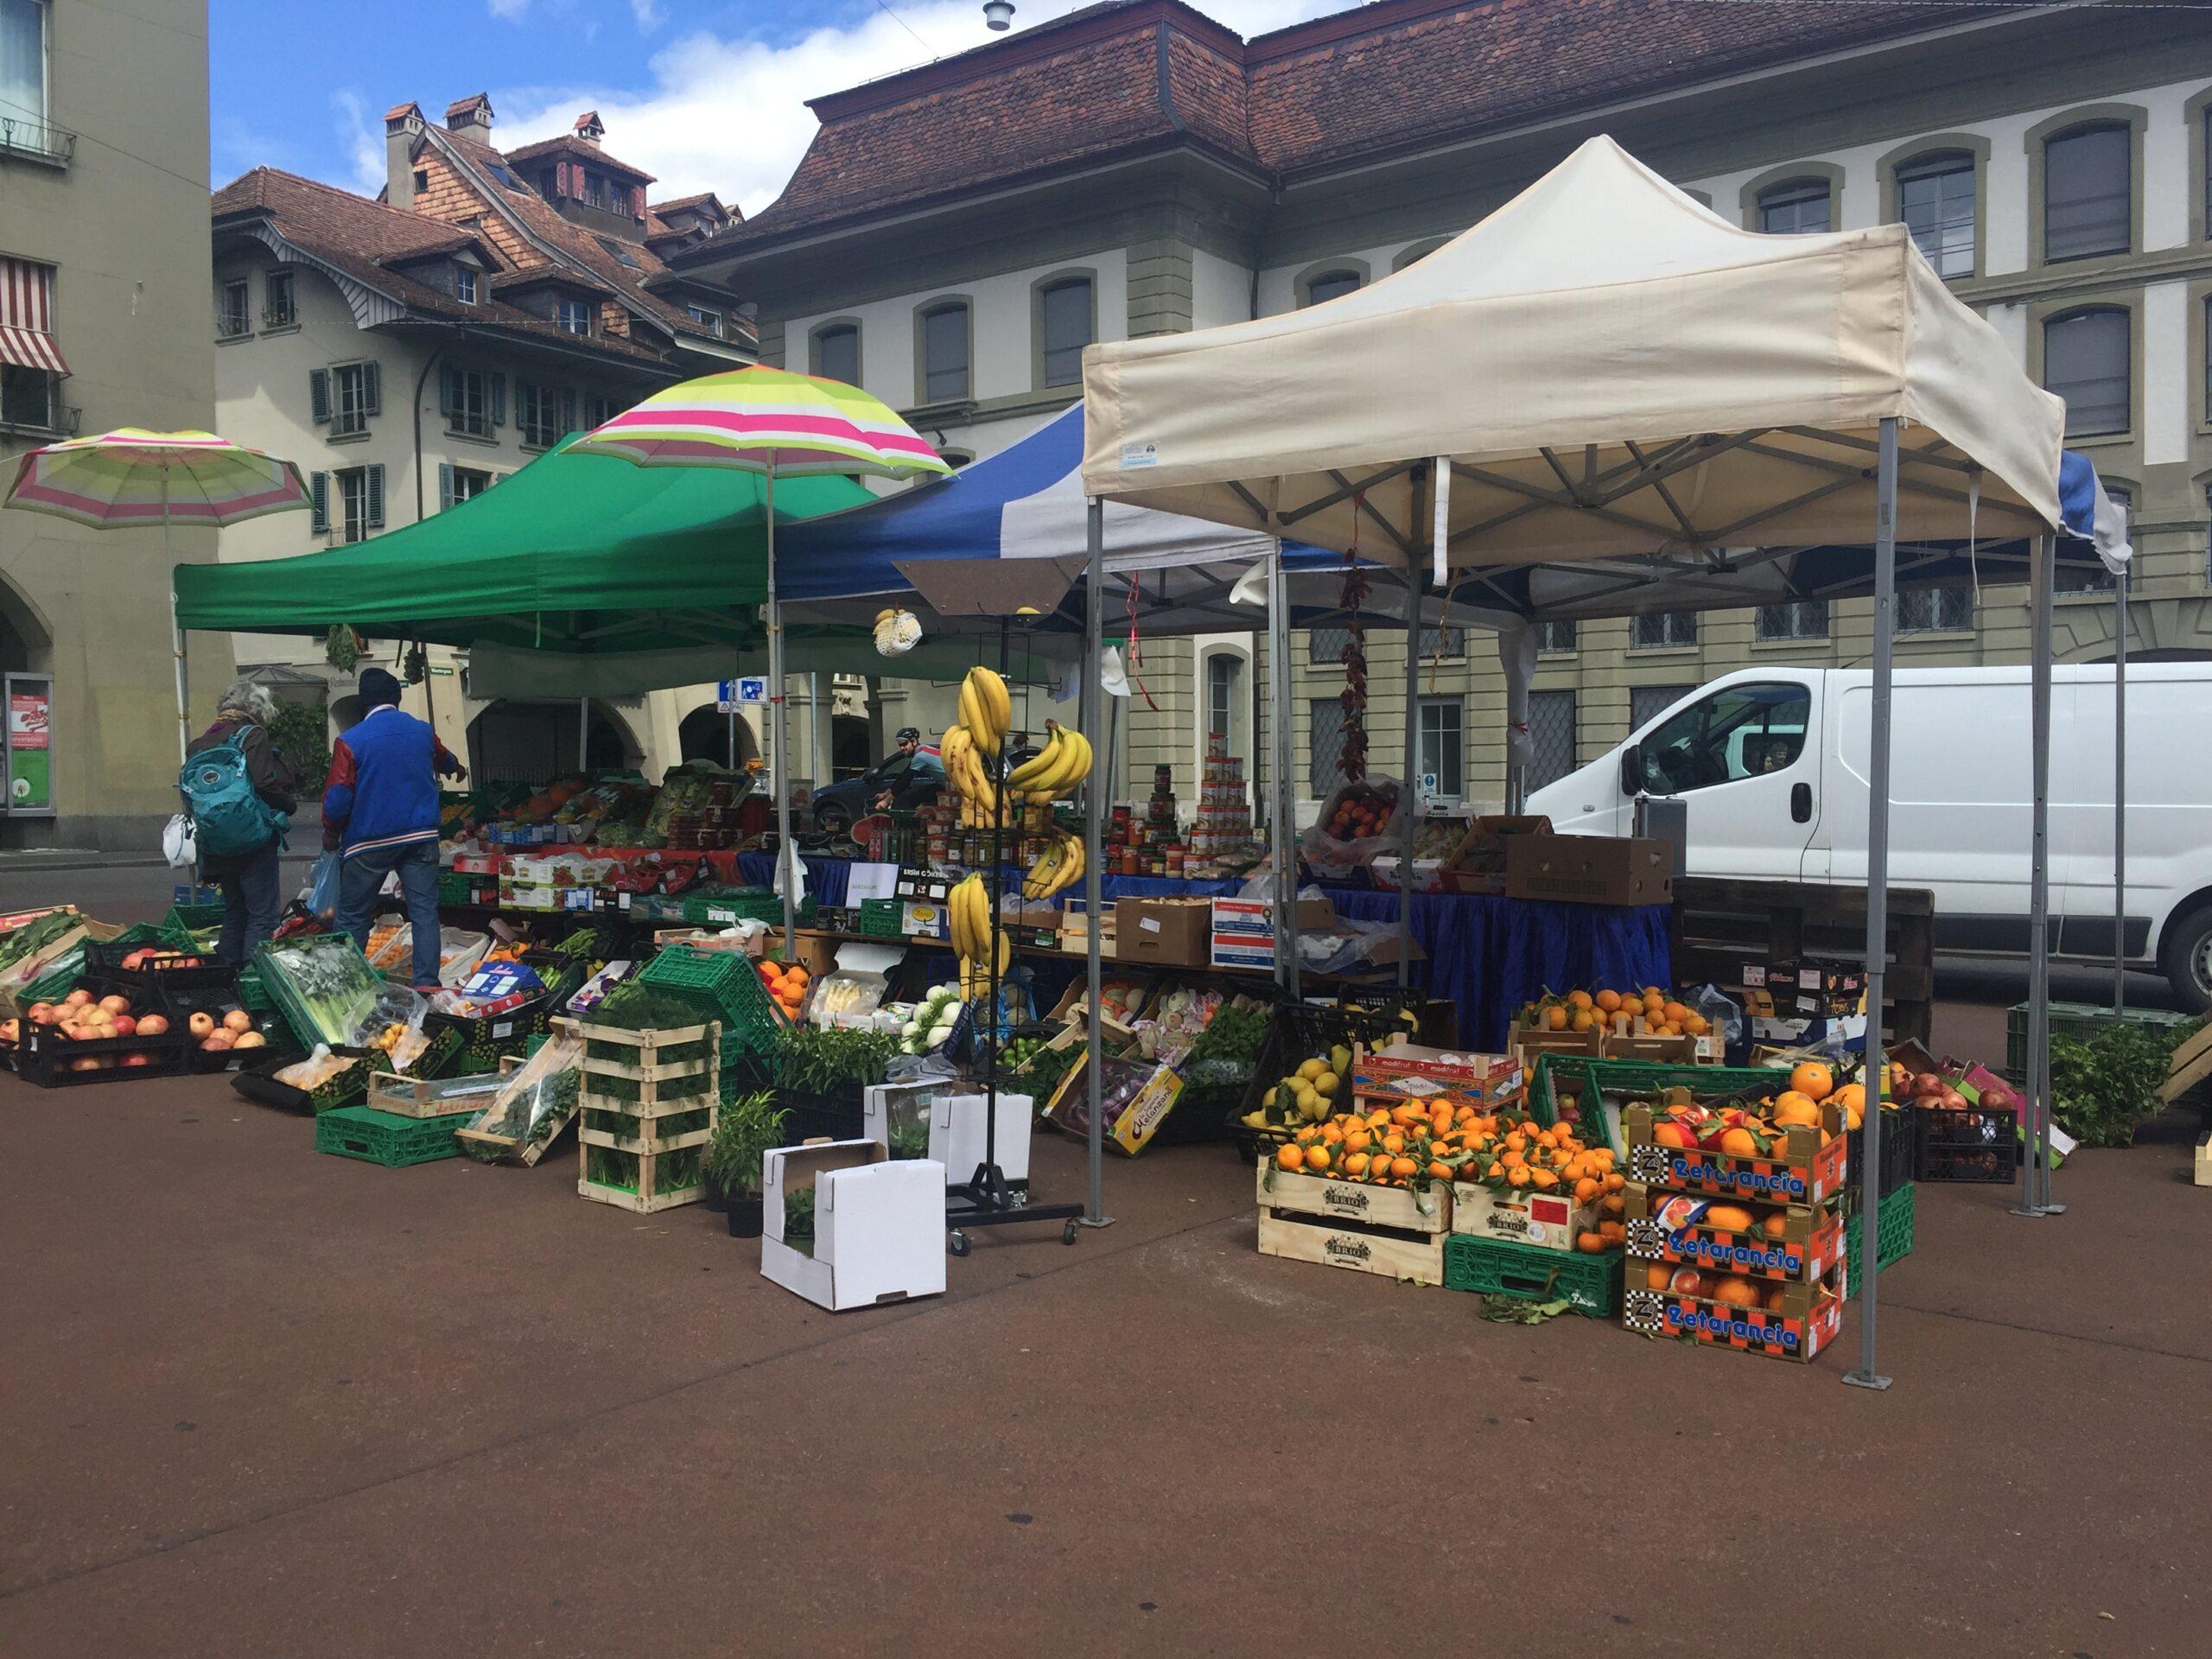 30 مليار فرنك أنفقها السويسريون على غذائهم عام 2020  ..و(الميغروس) و(الكوب) حصتهما الأكبر